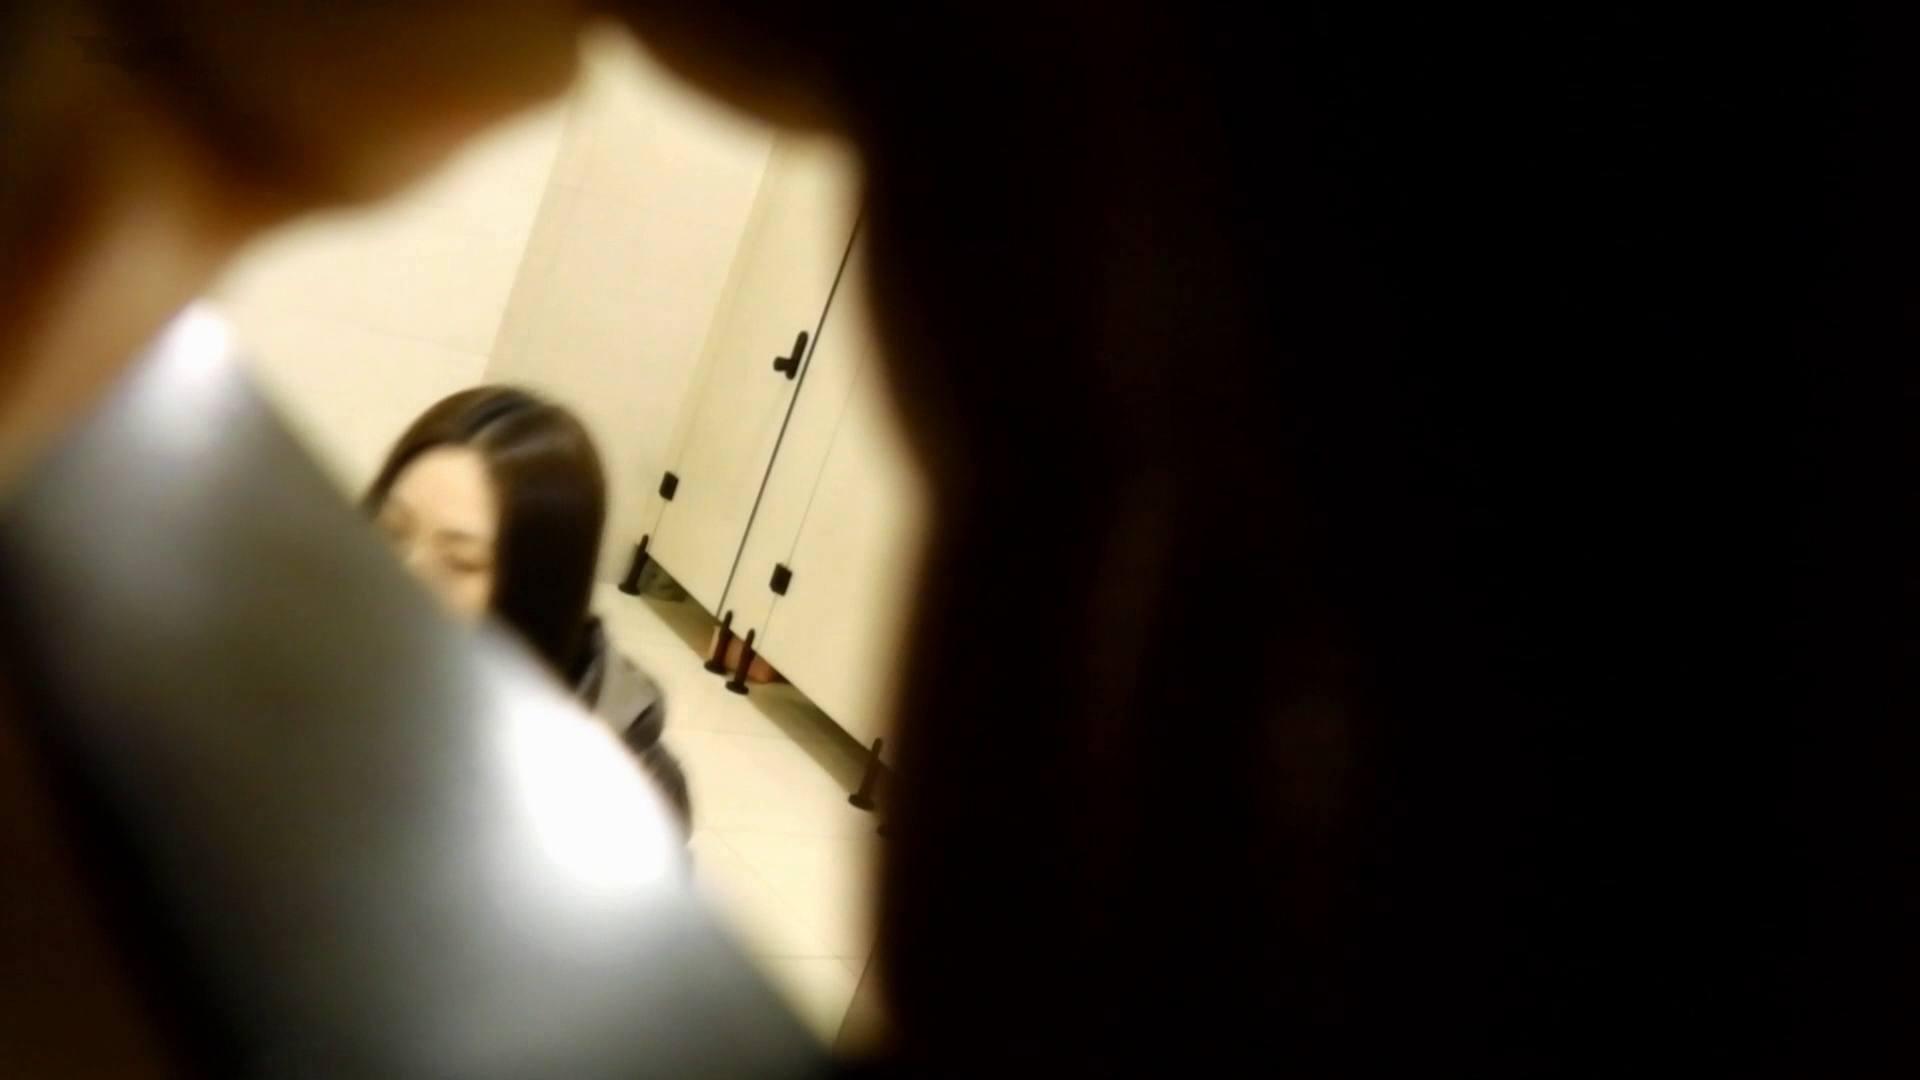 無修正エロ動画|新世界の射窓 No74ゆきりん潜入活動の中こんな三穴からの噴射は初めてです。|怪盗ジョーカー